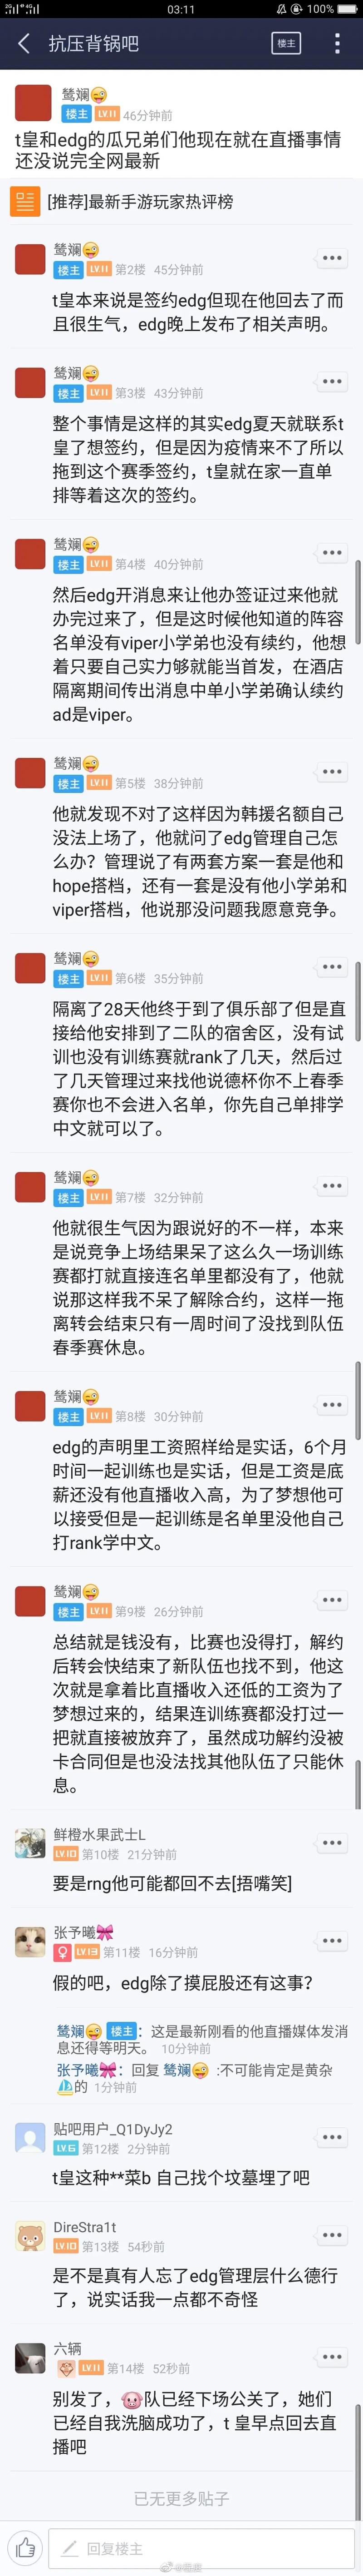 T皇直播回應EDG事件,內容引發爭議,網友:不愧是你EDG